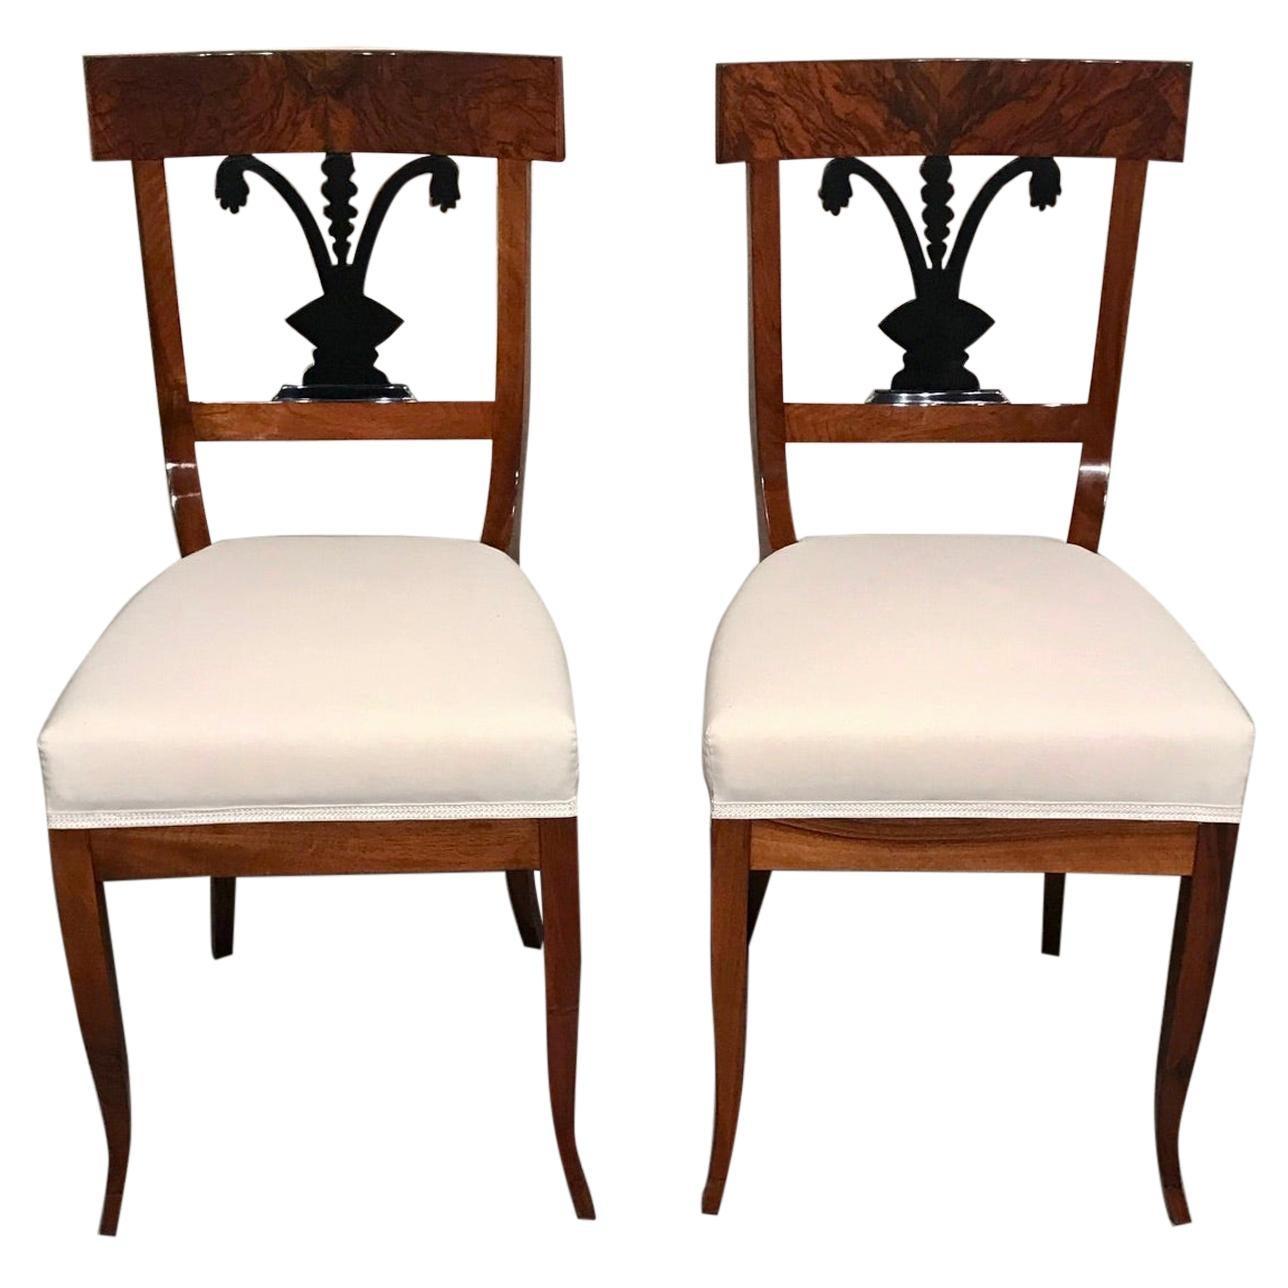 Pair of Biedermeier Chairs, South German 1820, Walnut